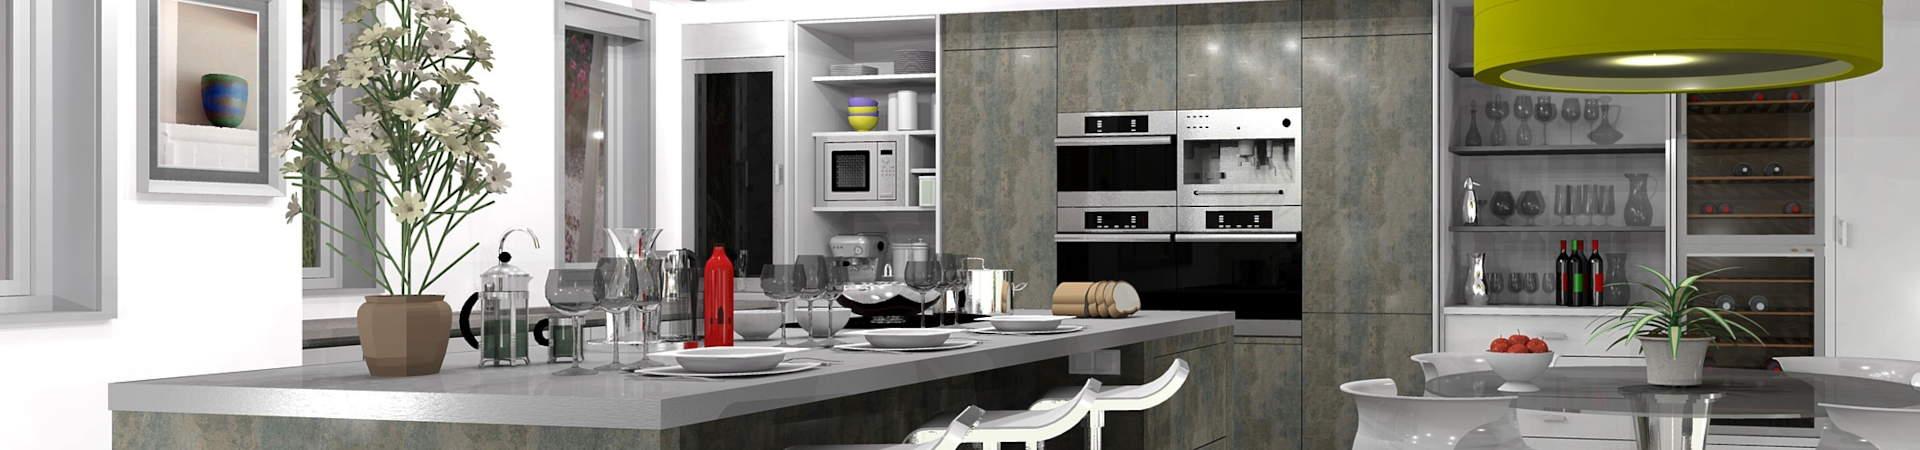 Autokitchen soluciones fabricantes de cocinas - Fabricantes muebles cocina ...